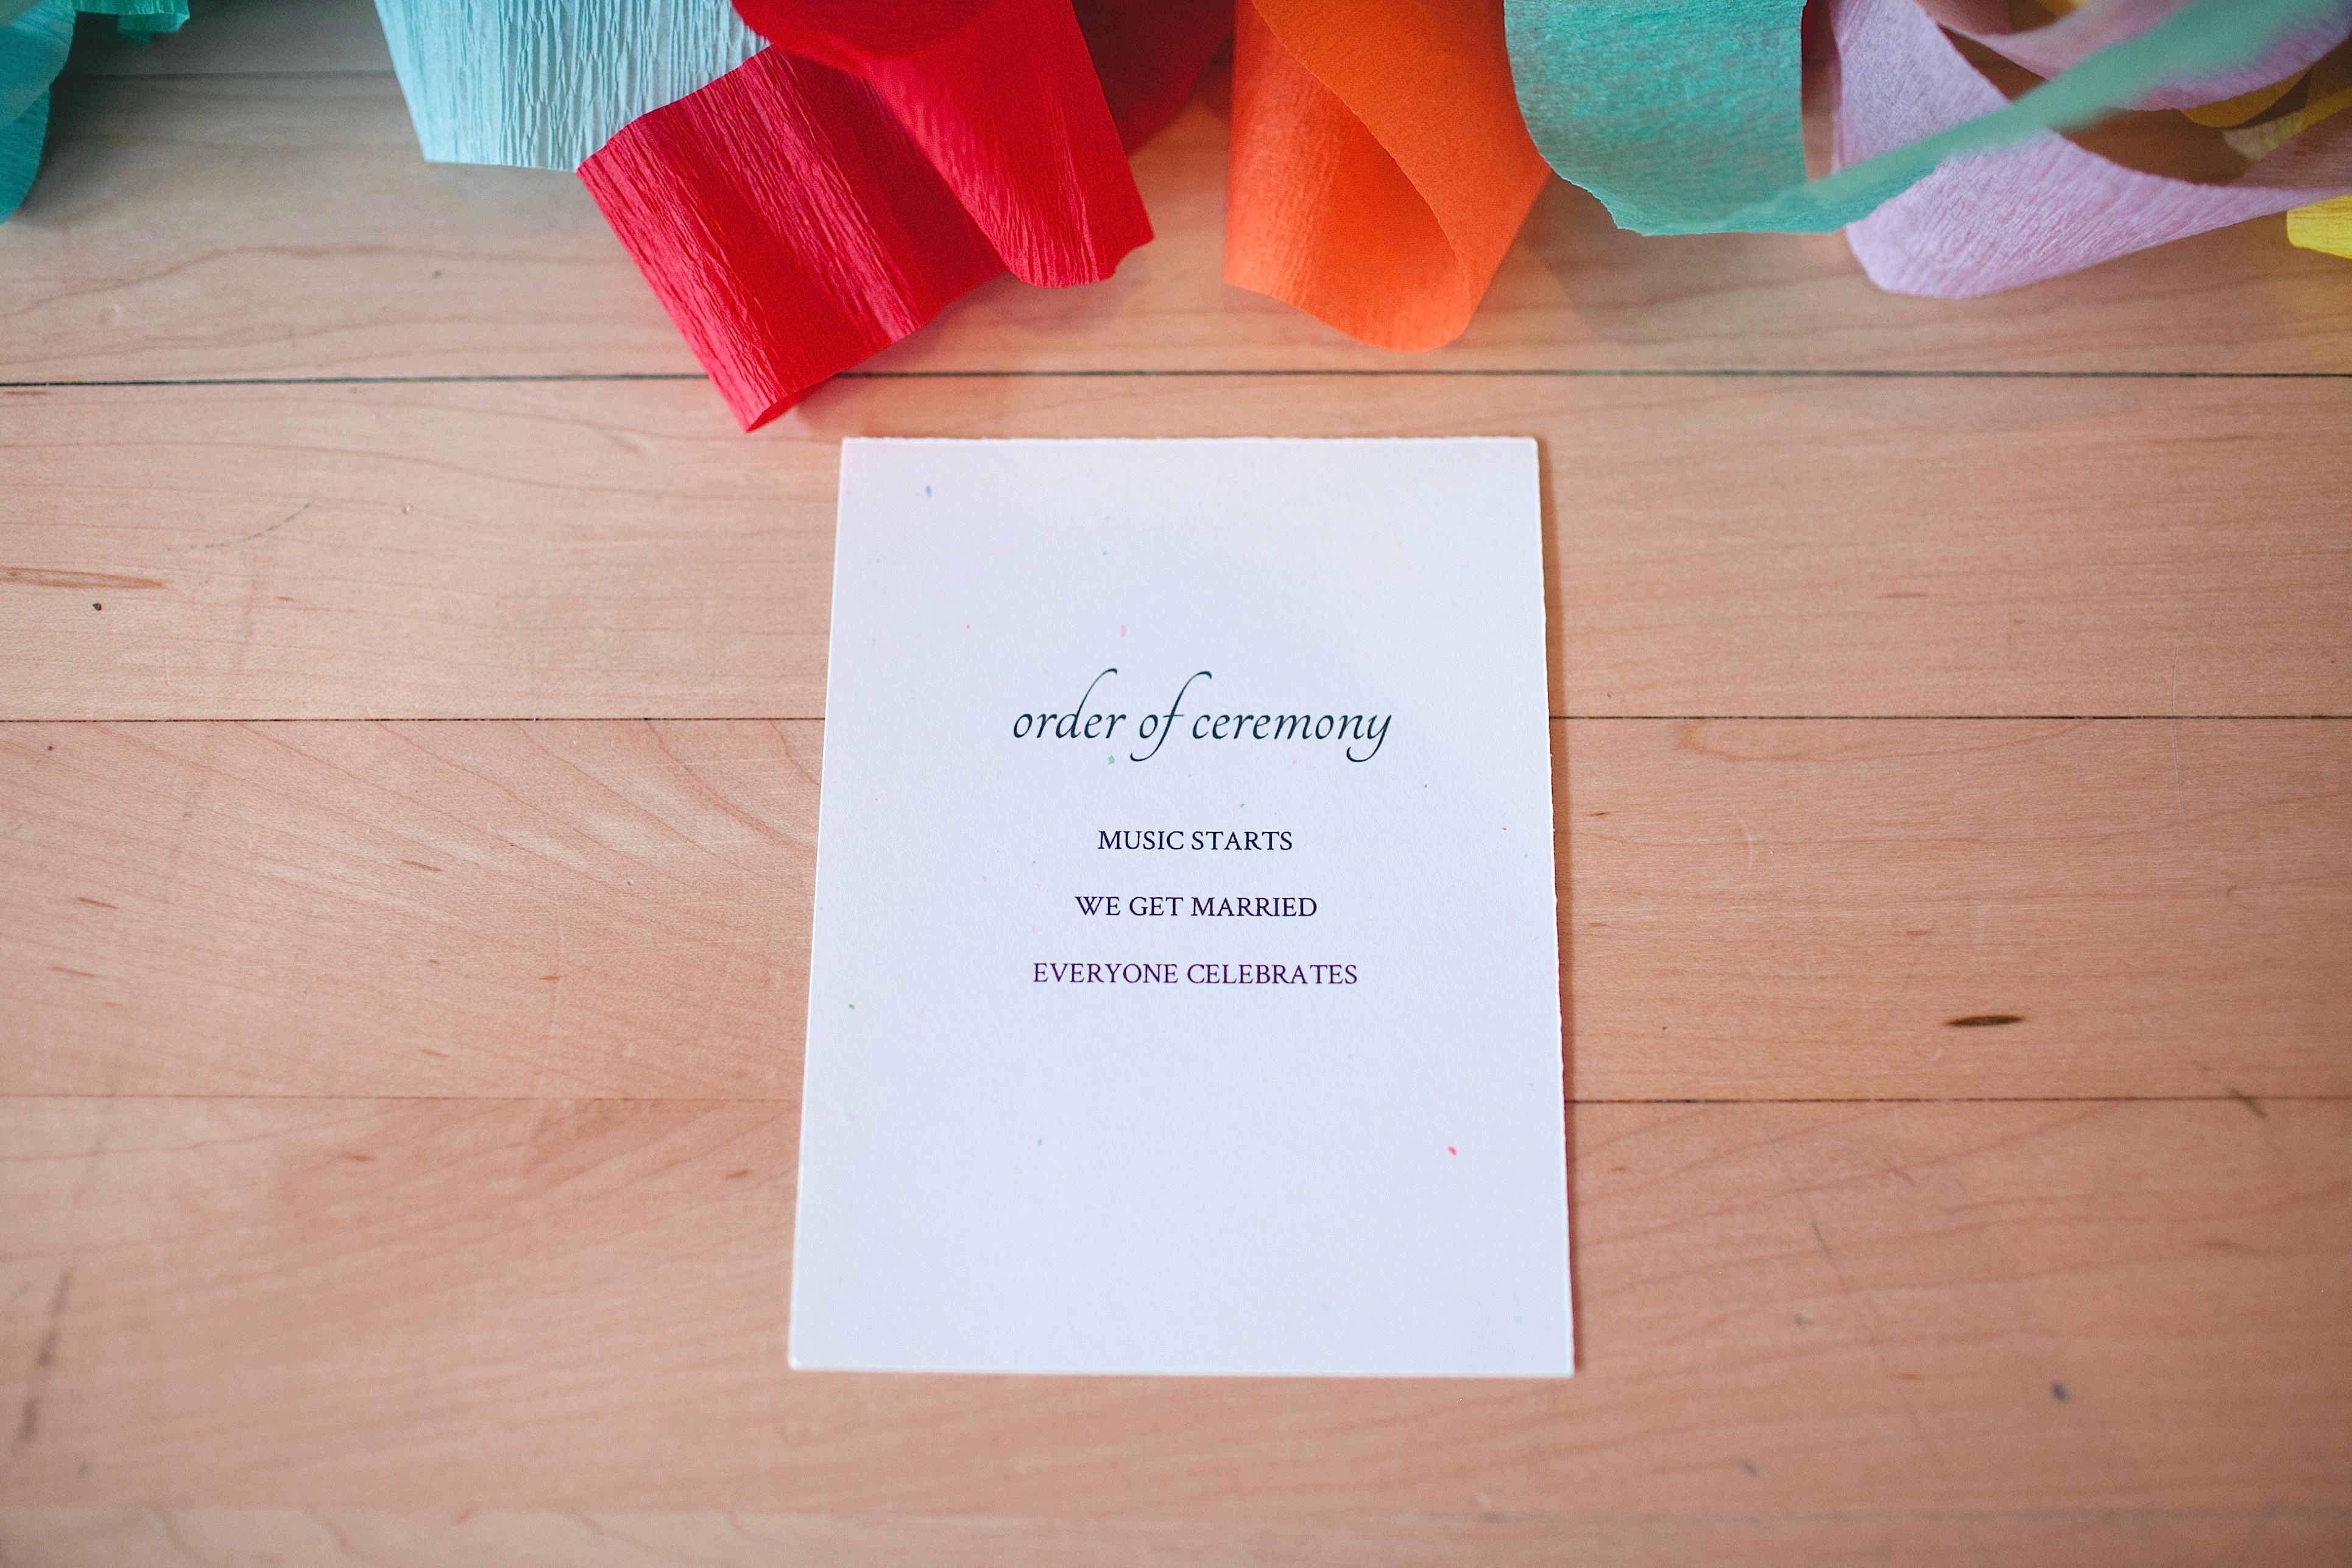 Copy of Ceremony004